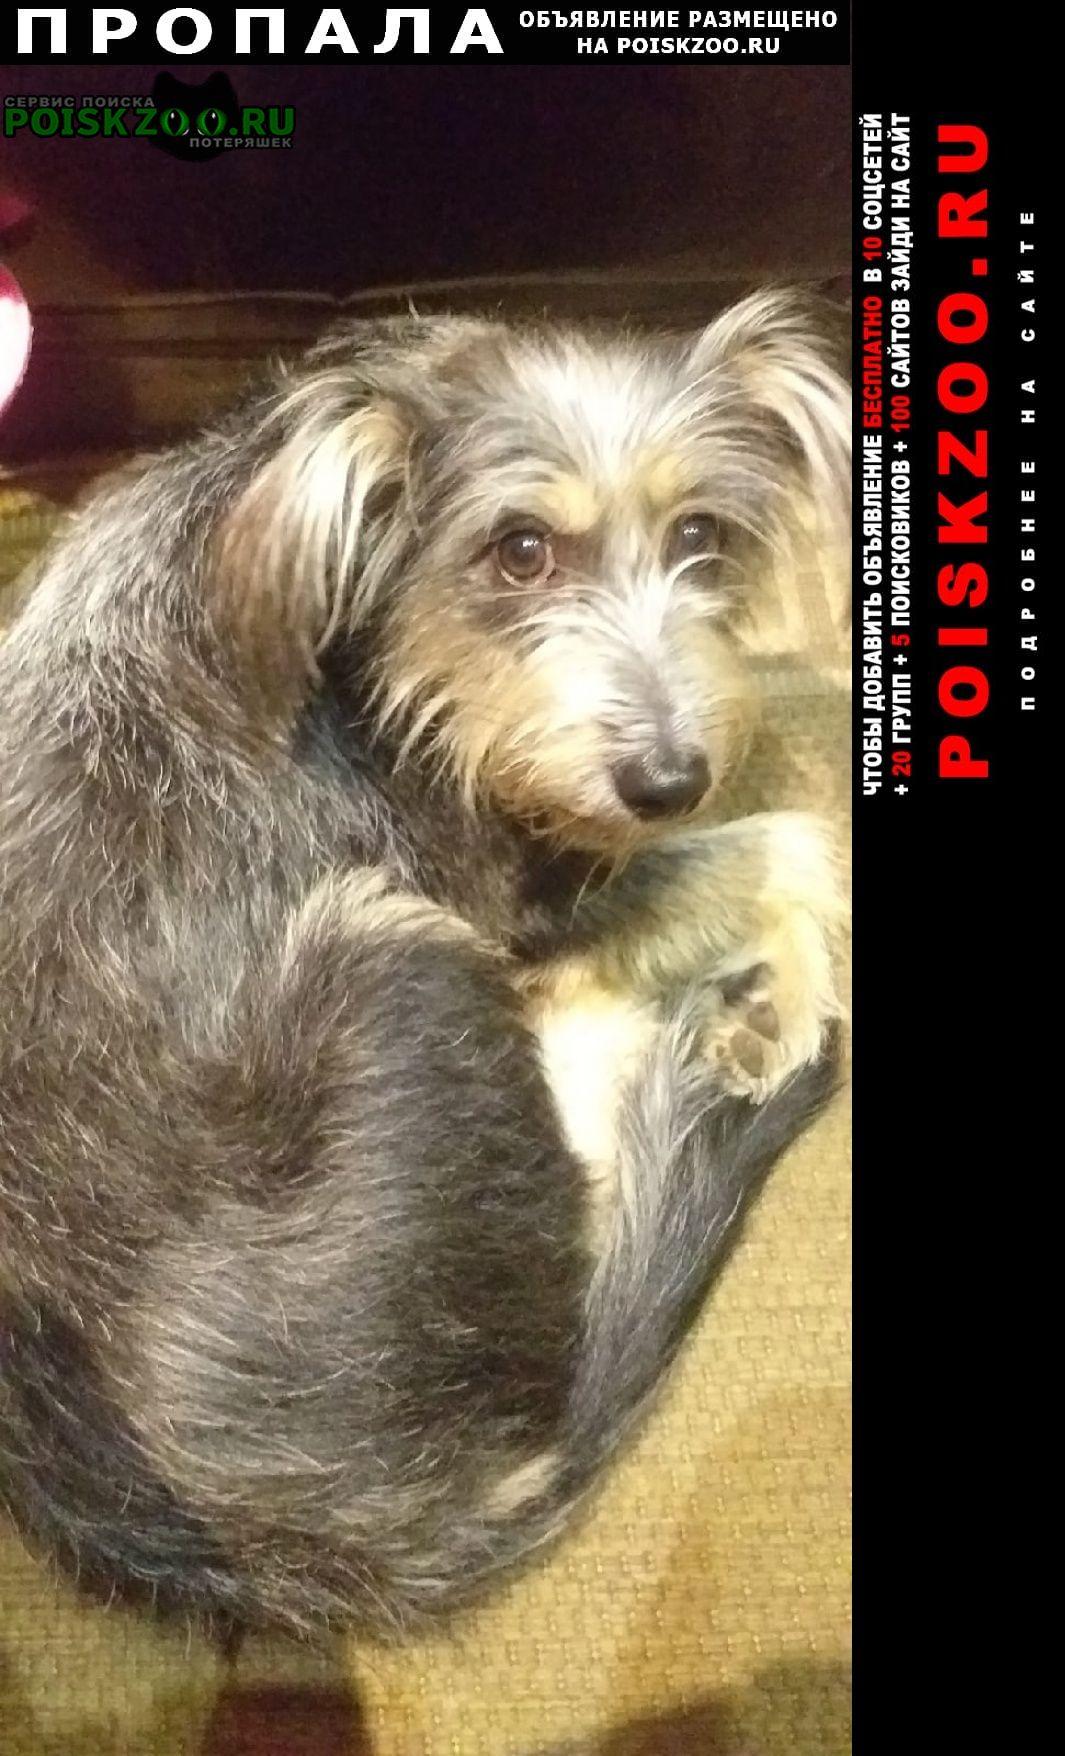 Пропала собака Кострома